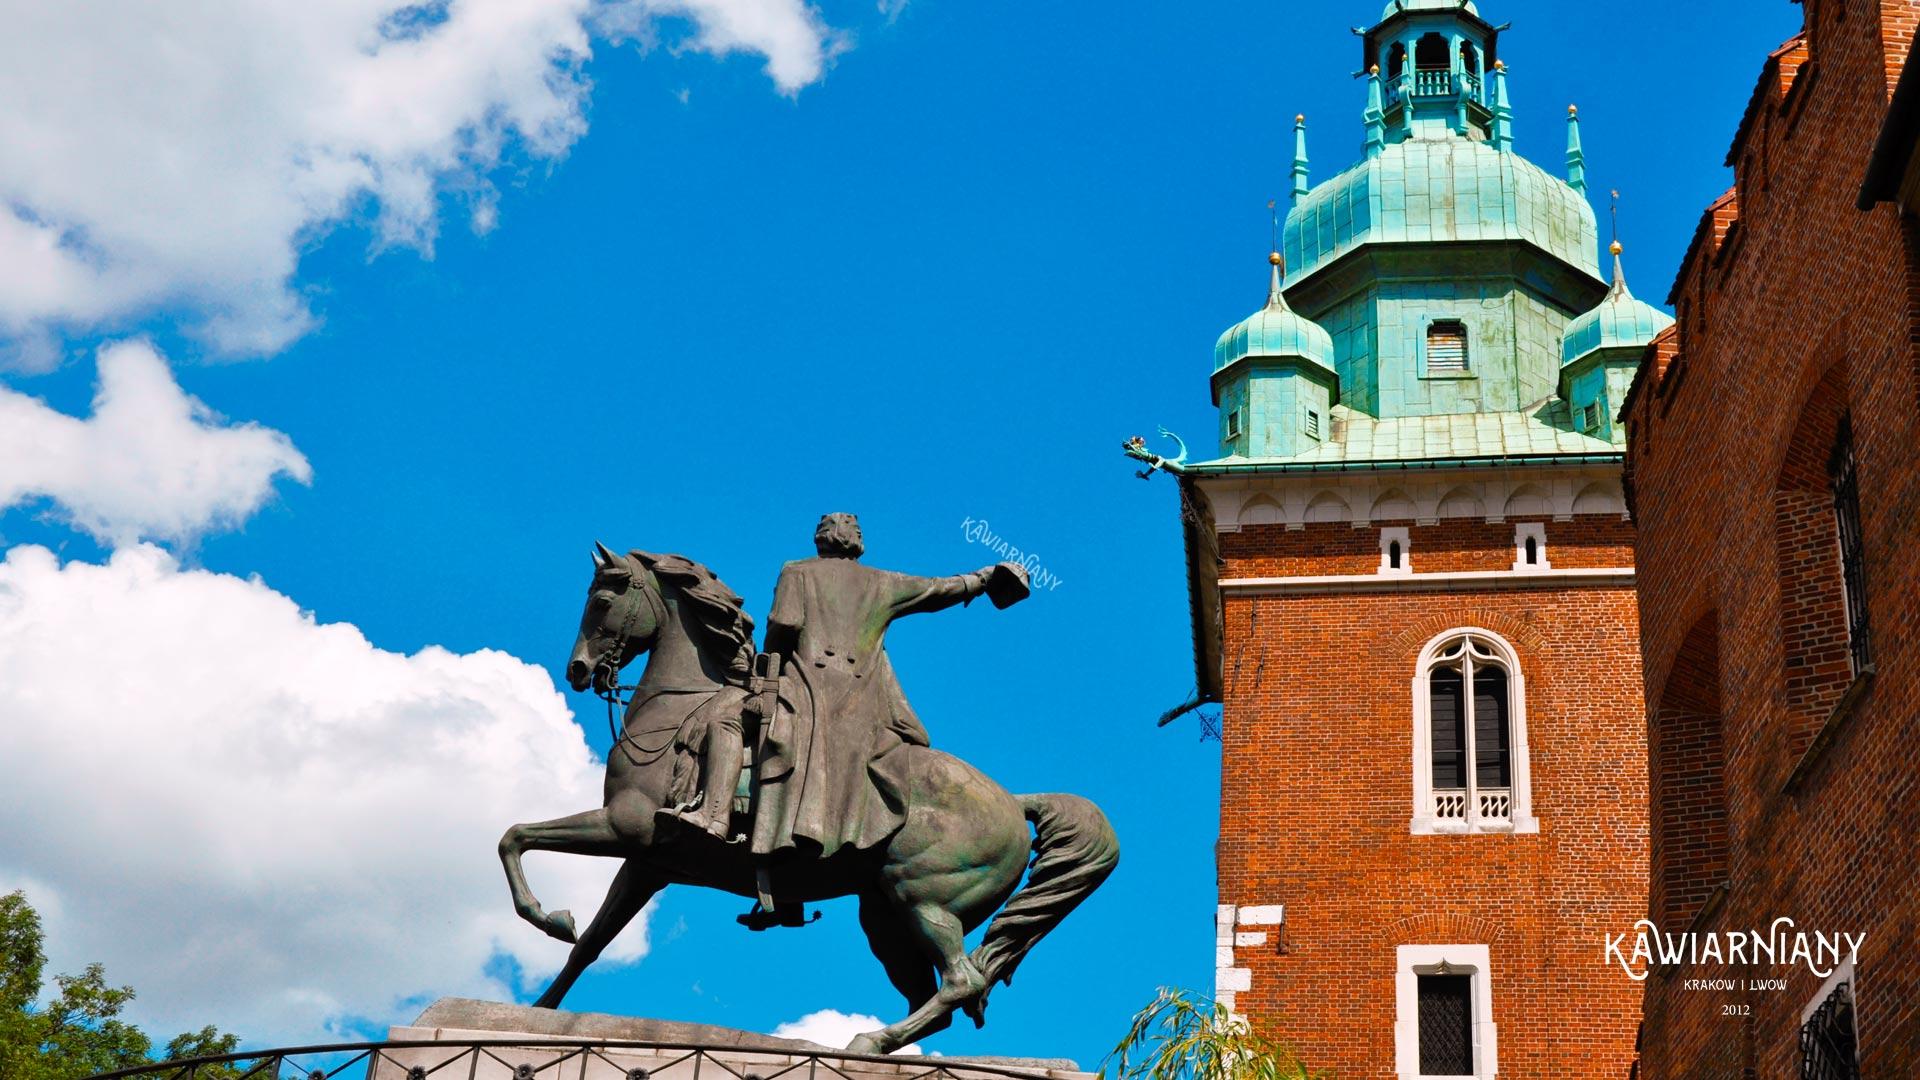 Kiedy można usłyszeć dzwon Zygmunta? Kiedy bije dzwon Zygmunt?